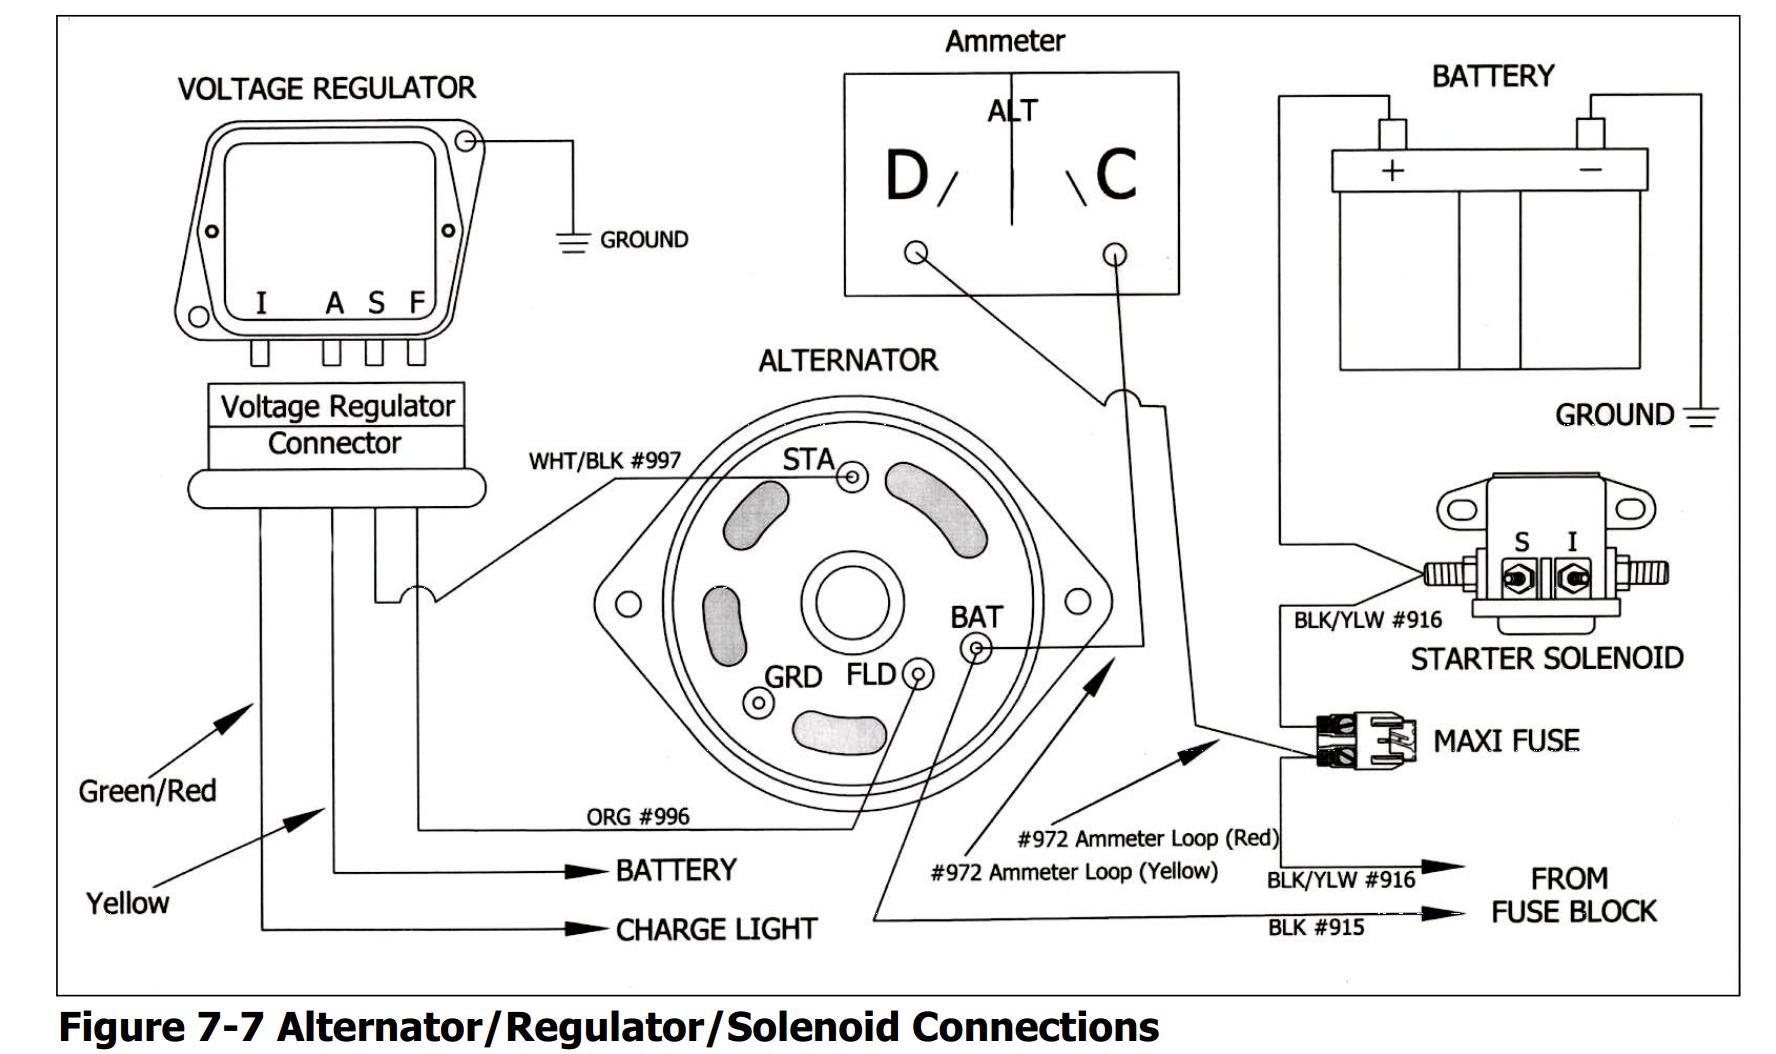 medium resolution of vr600 voltage regulator wiring diagram